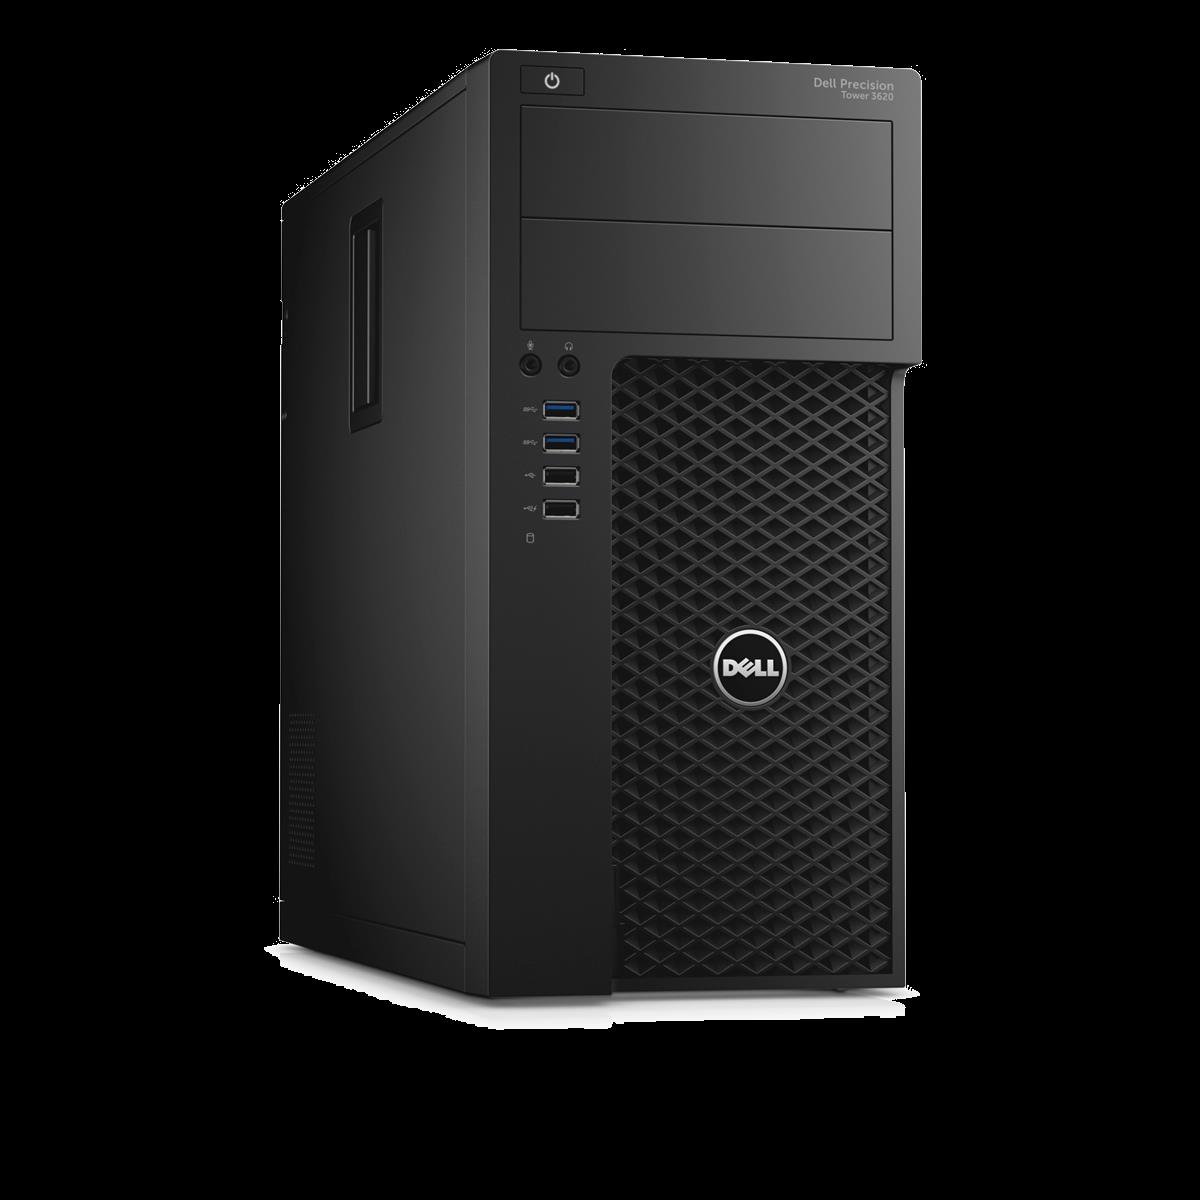 Dell Precision T3620 i7-7700/8GB/500GB/290W/Win10Pro